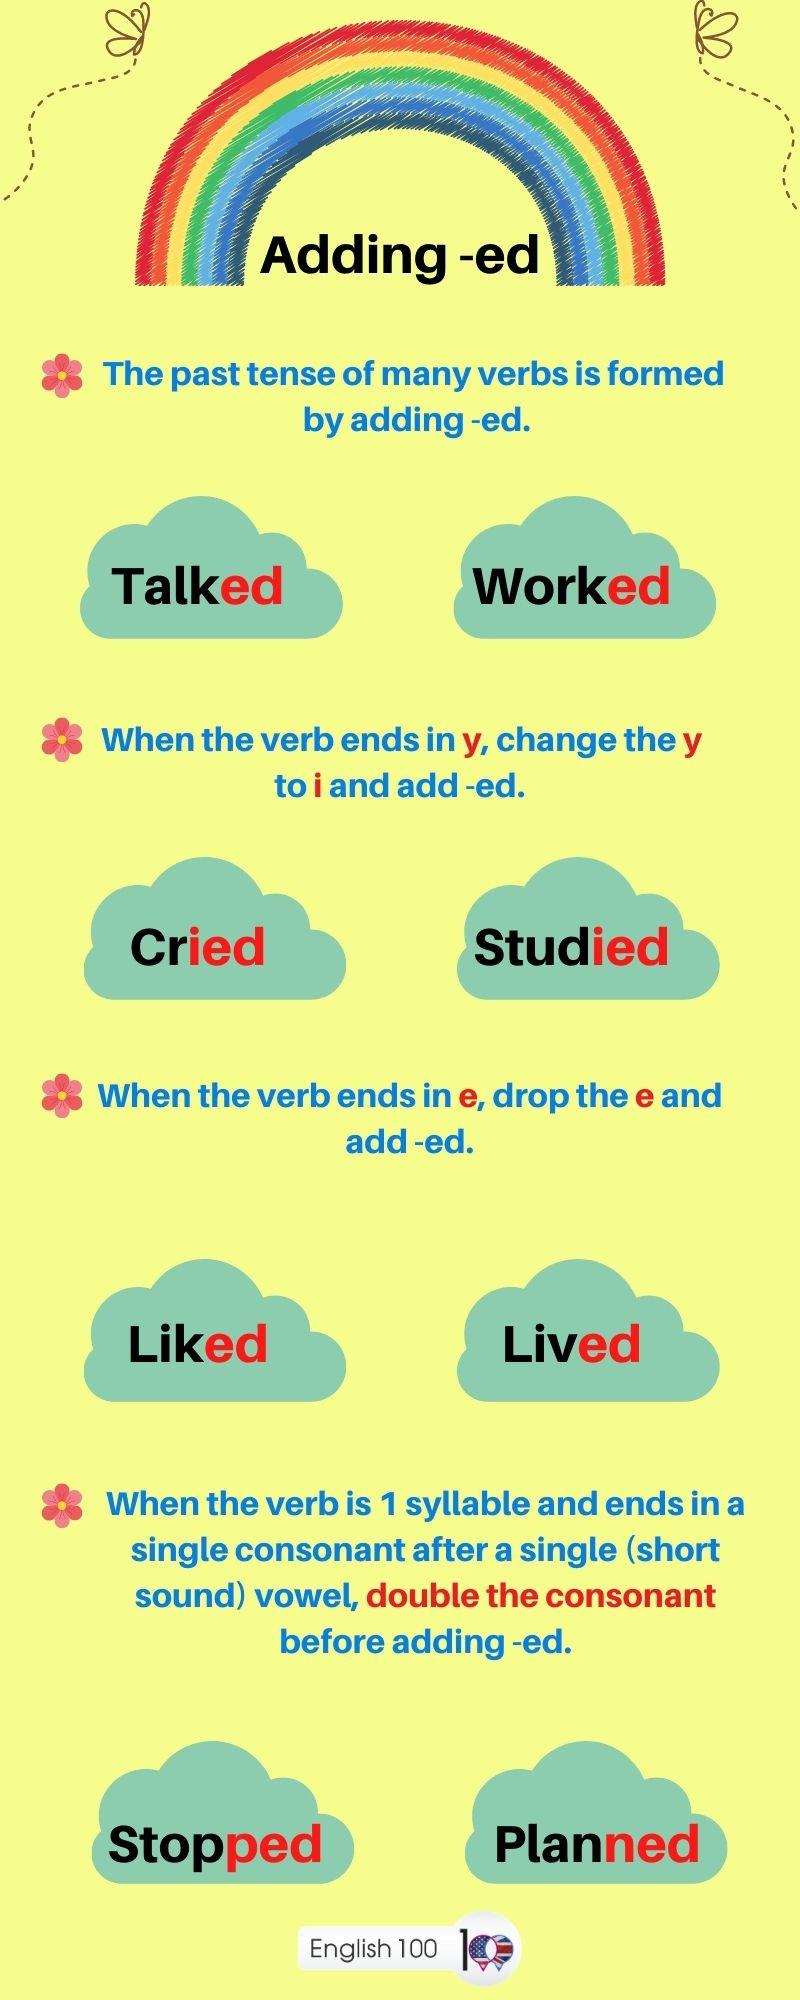 الافعال الماضية بالانجليزي Past Verbs in English